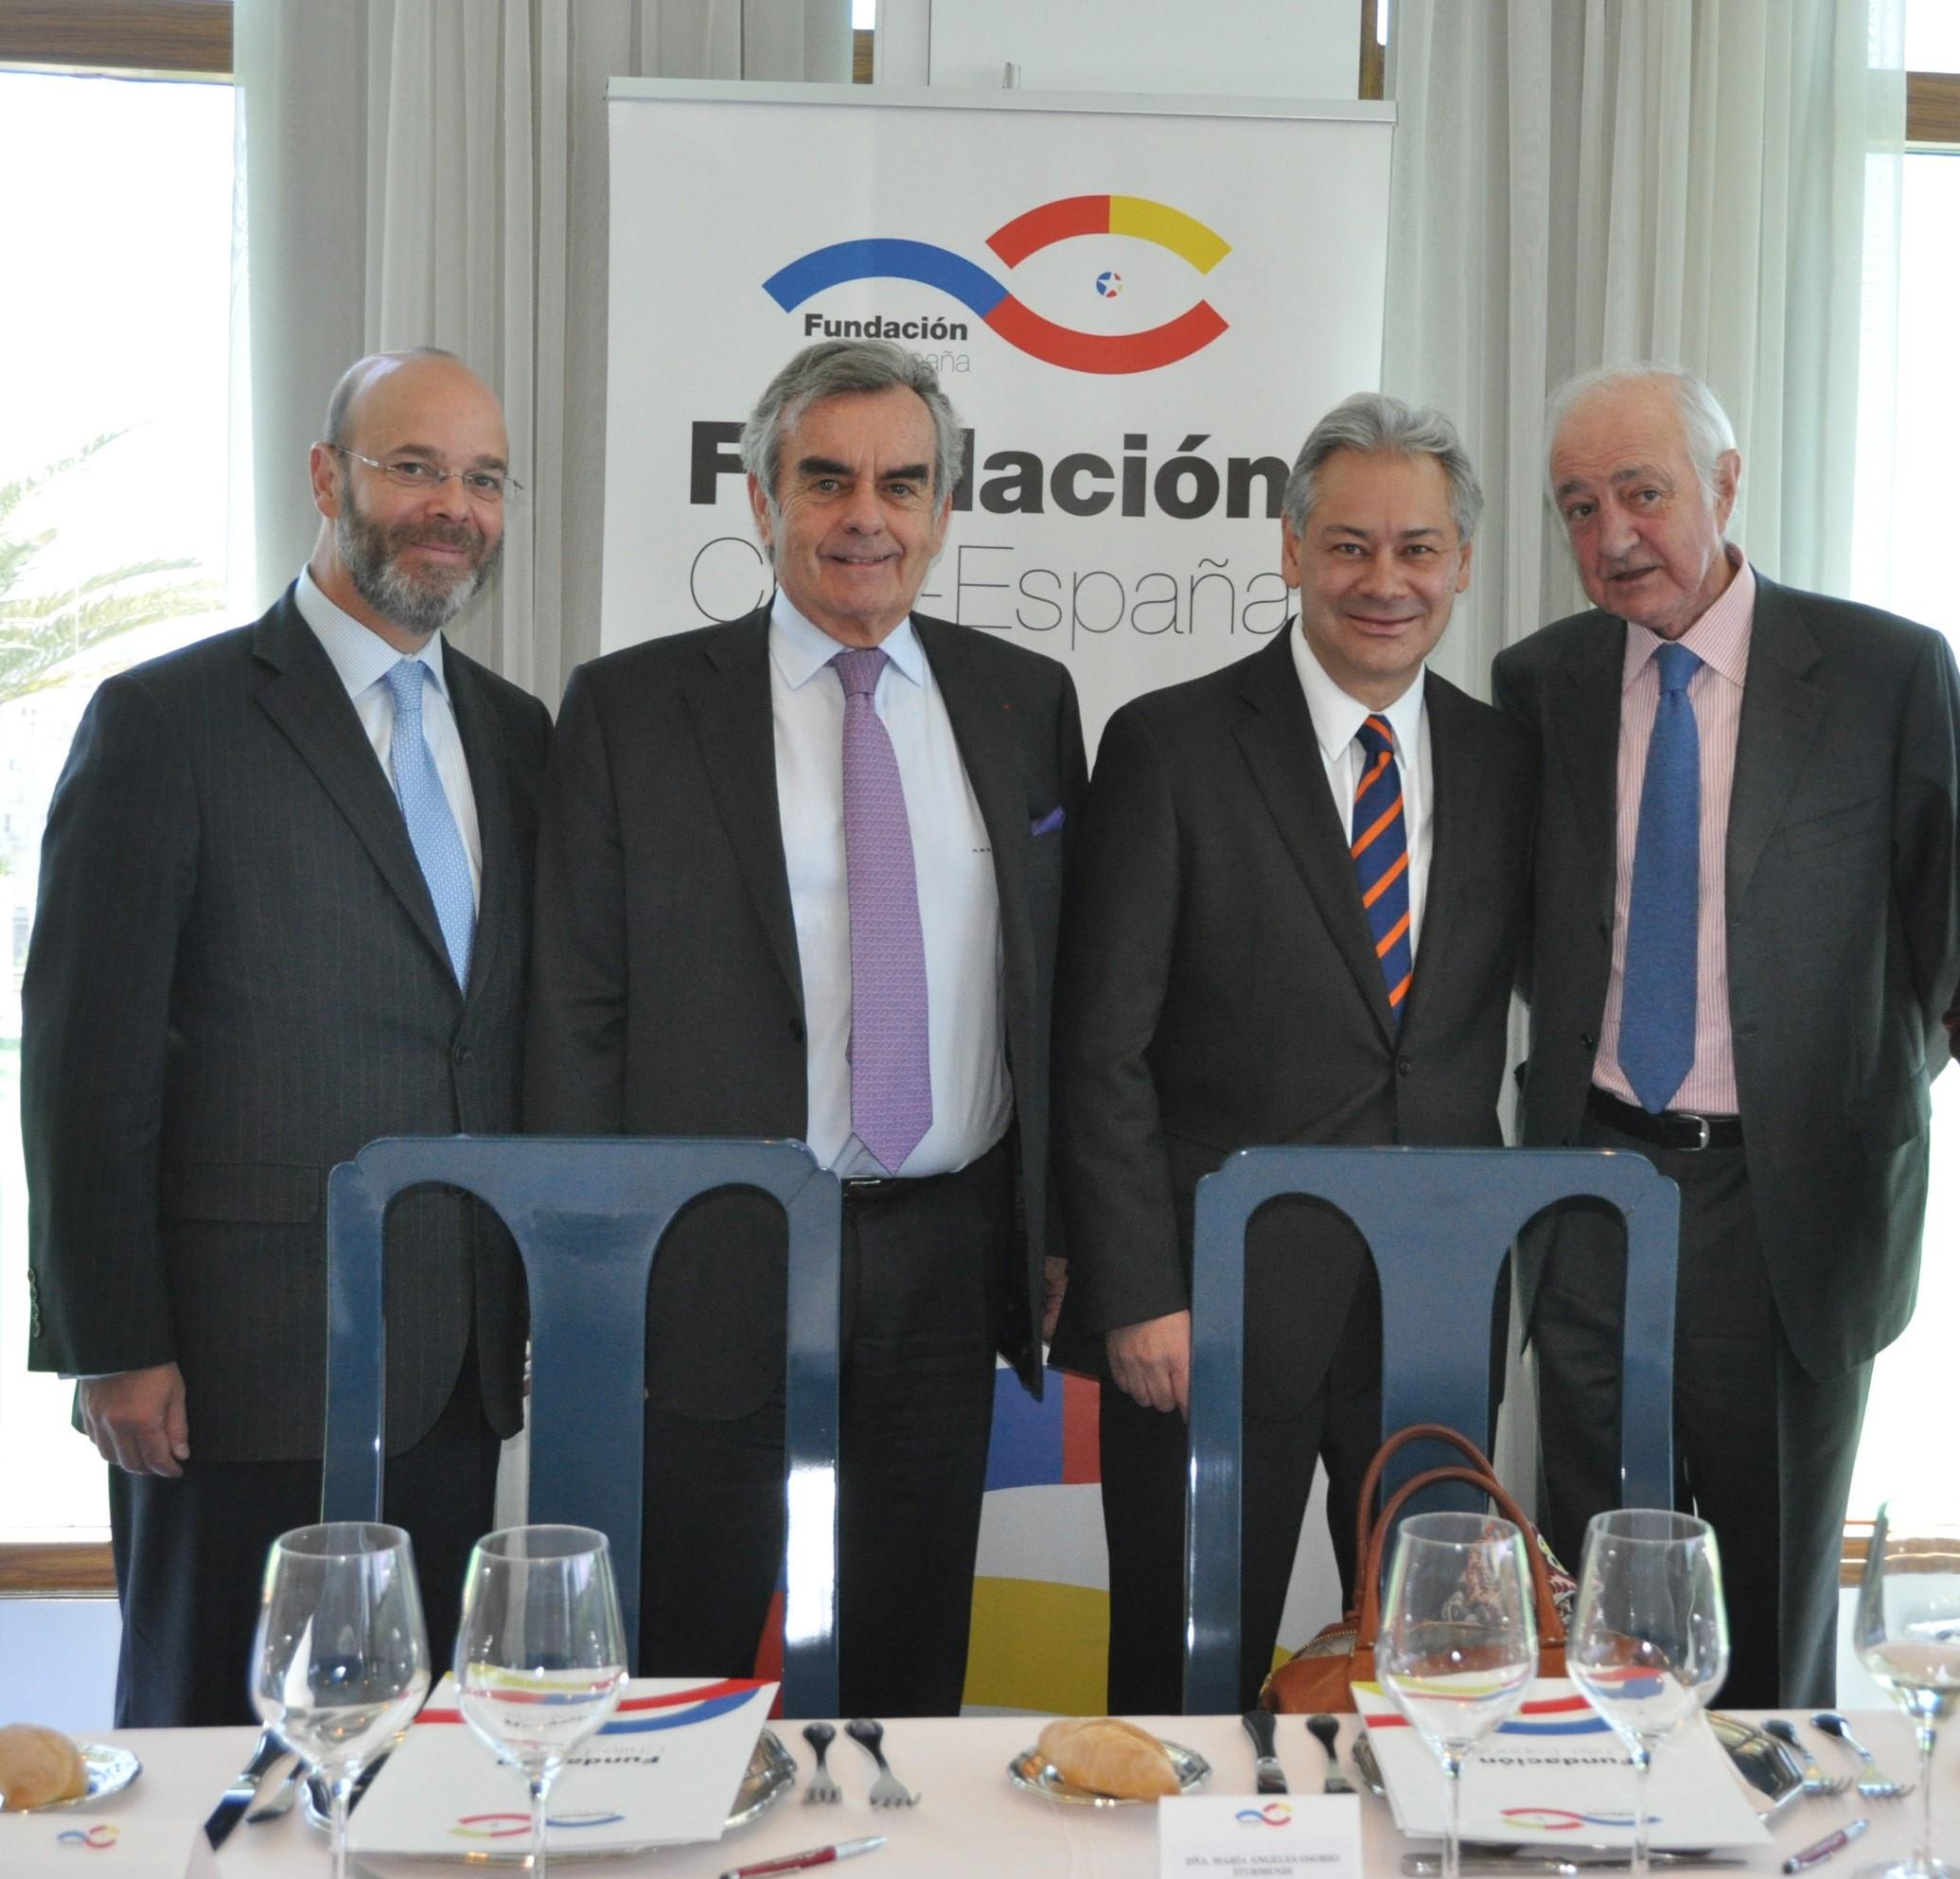 German Ríos, Gonzalo de Castro, Alfonso Merry del Vall, Emilio Gilolmo